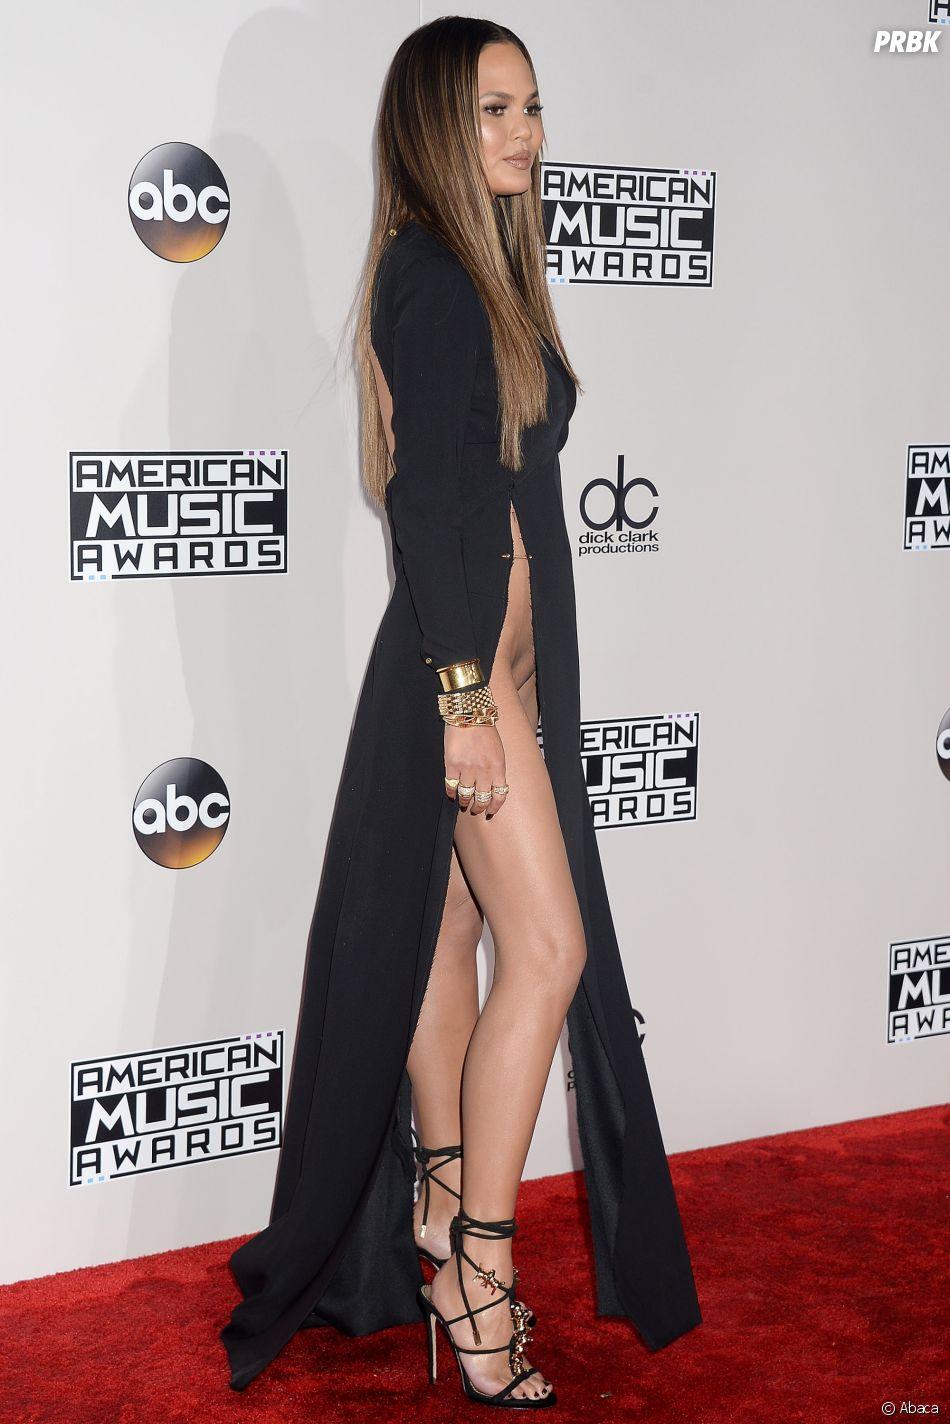 Chrissy Teigen avait créé le buzz aux American Music Awards 2016, s'affichant nue sous sa robe ultra fendue.